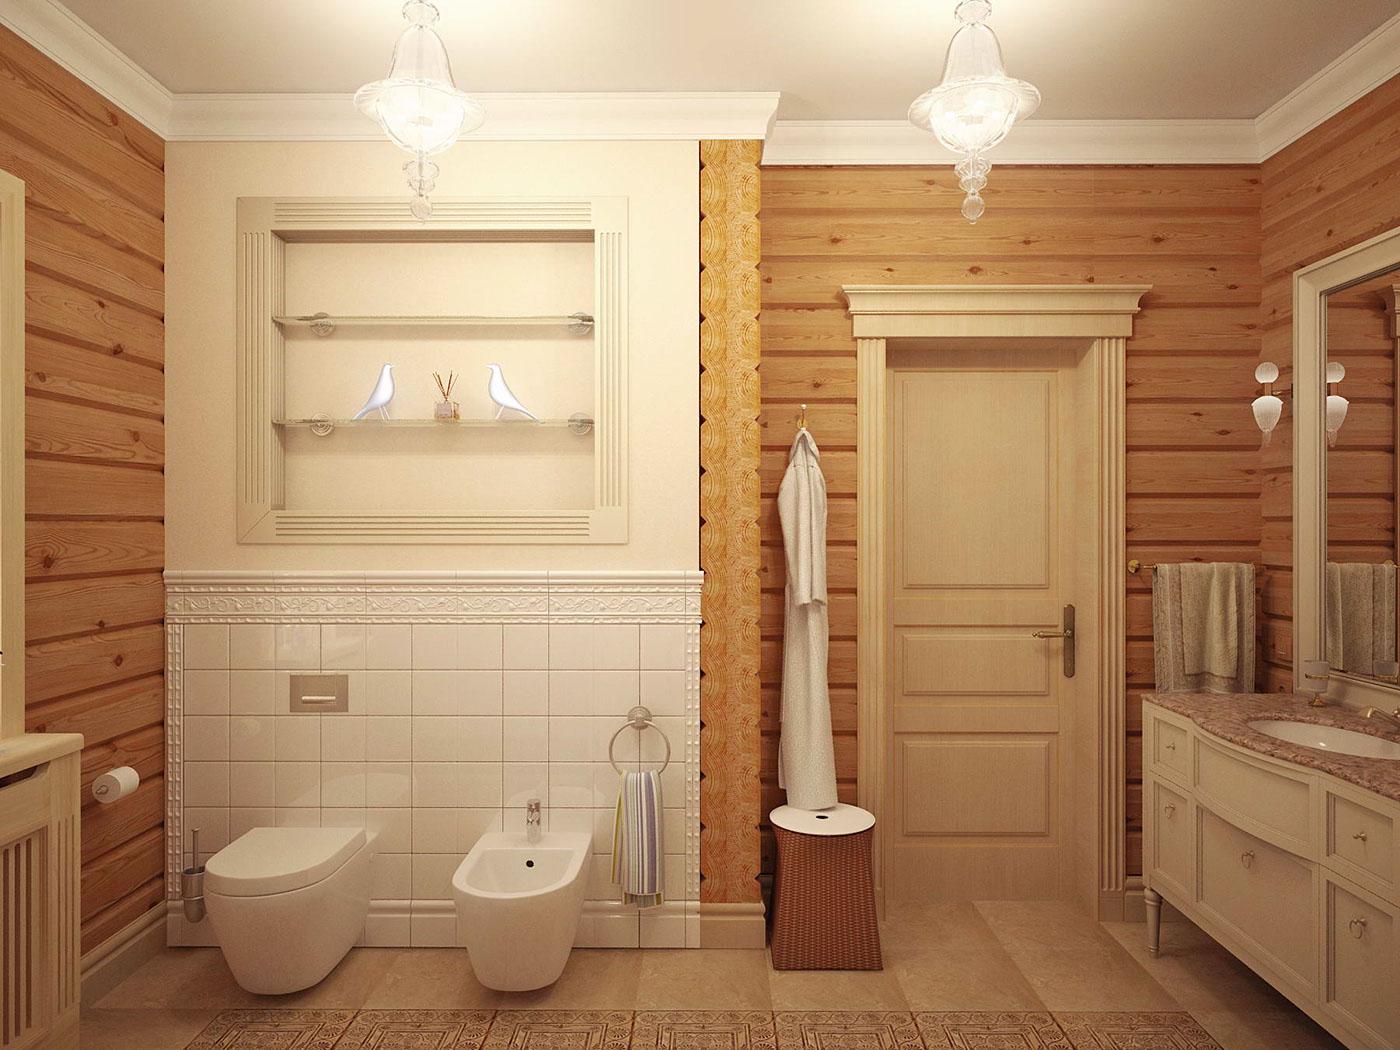 Ванная комната в деревянном доме: пол, стены, потолок